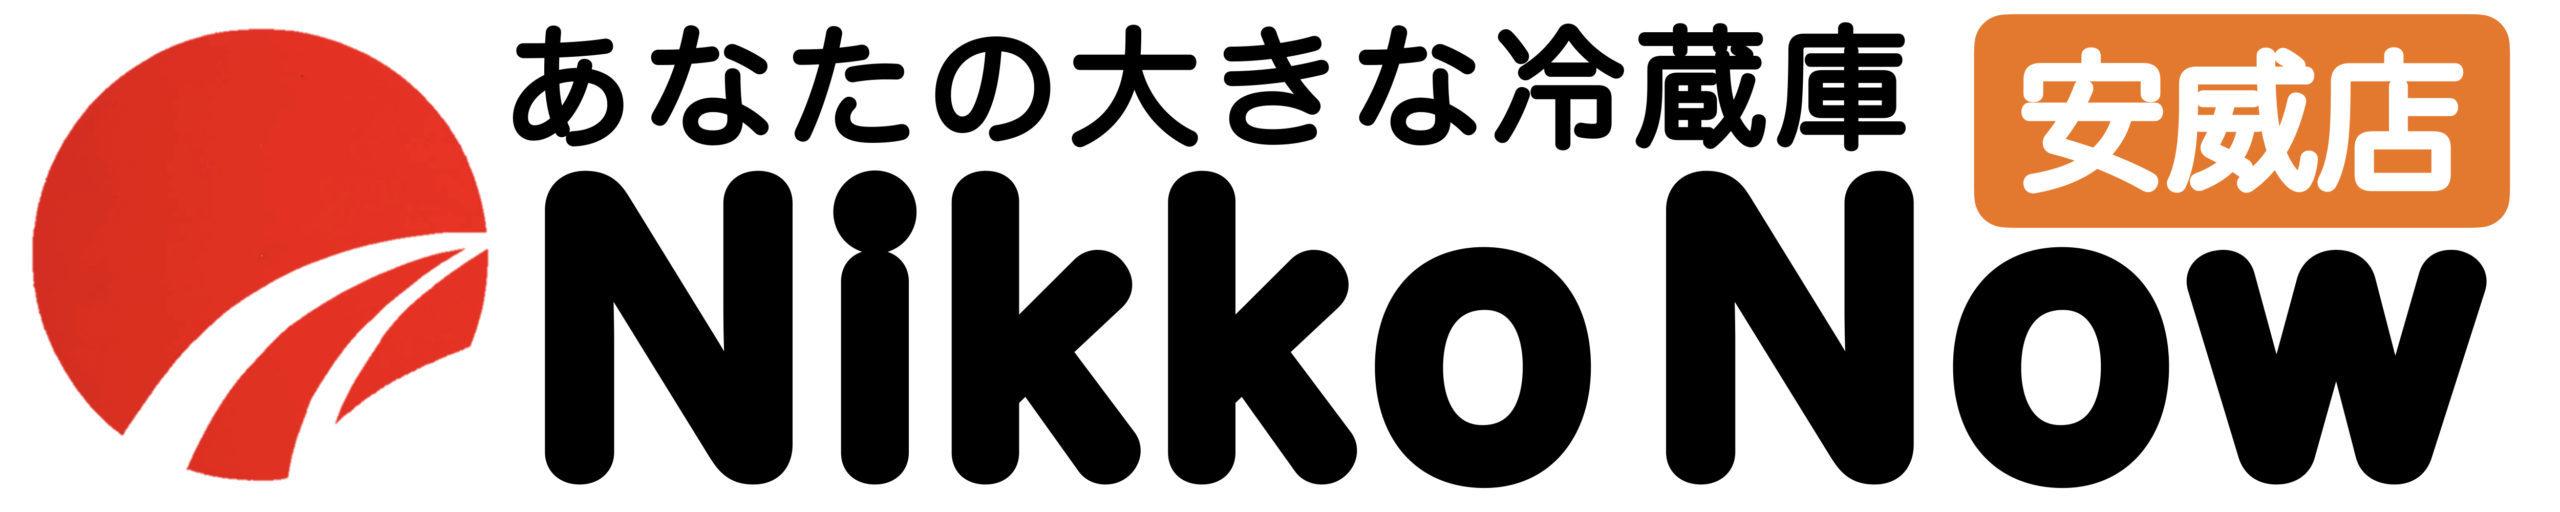 Nikko Now 安威店